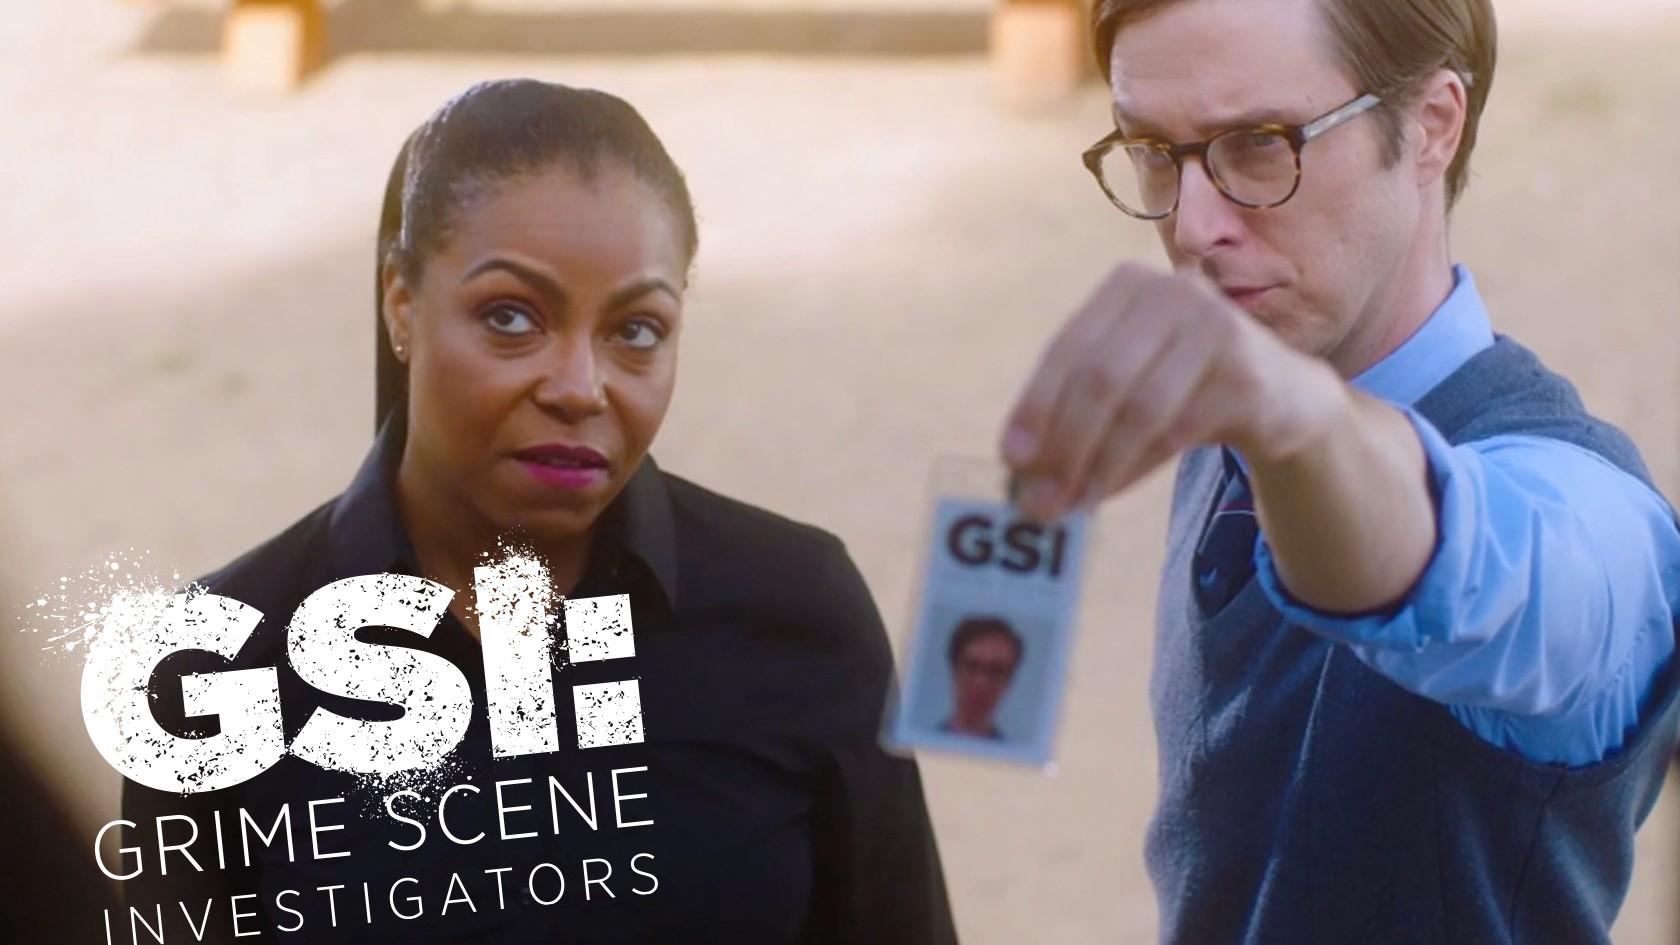 GSI: Grime Scene Investigators